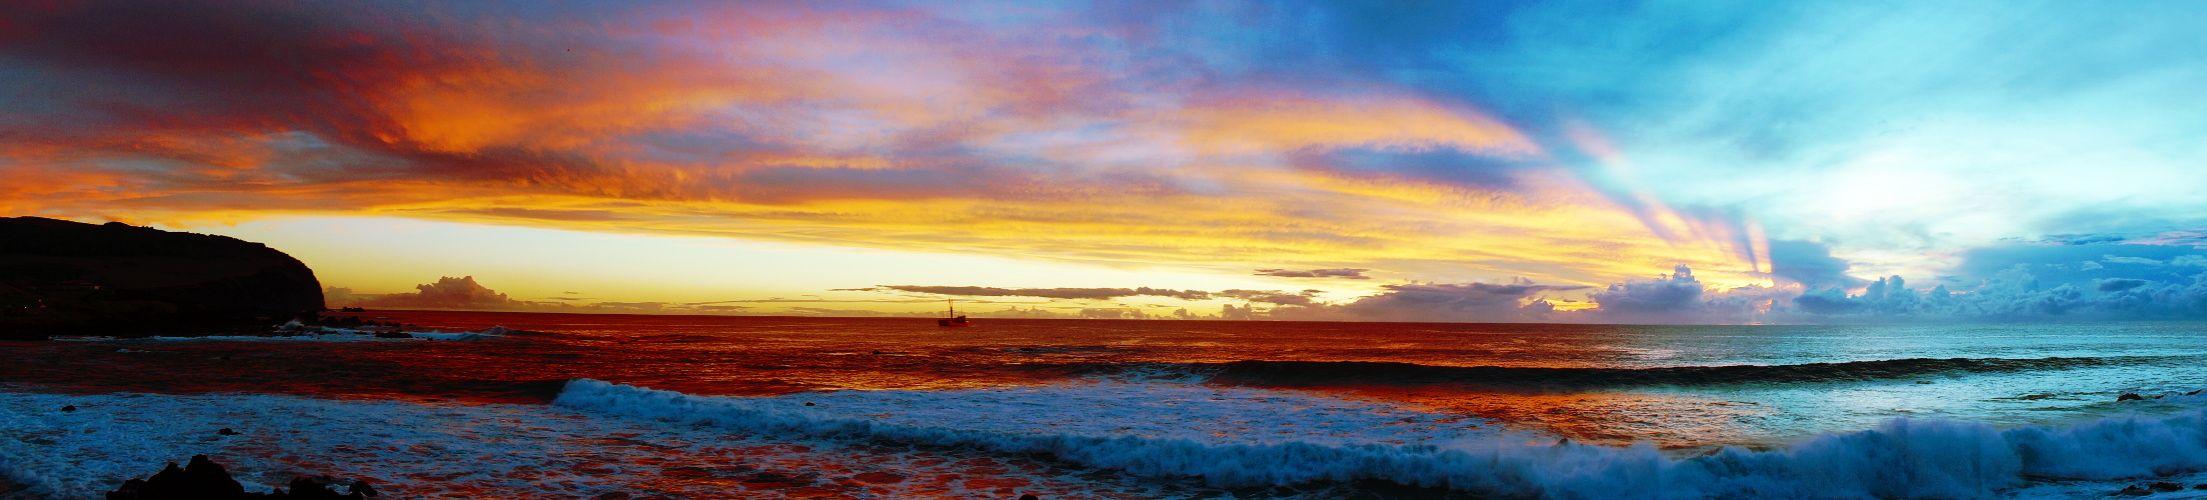 Couché de soleil sur l'ile de Paques